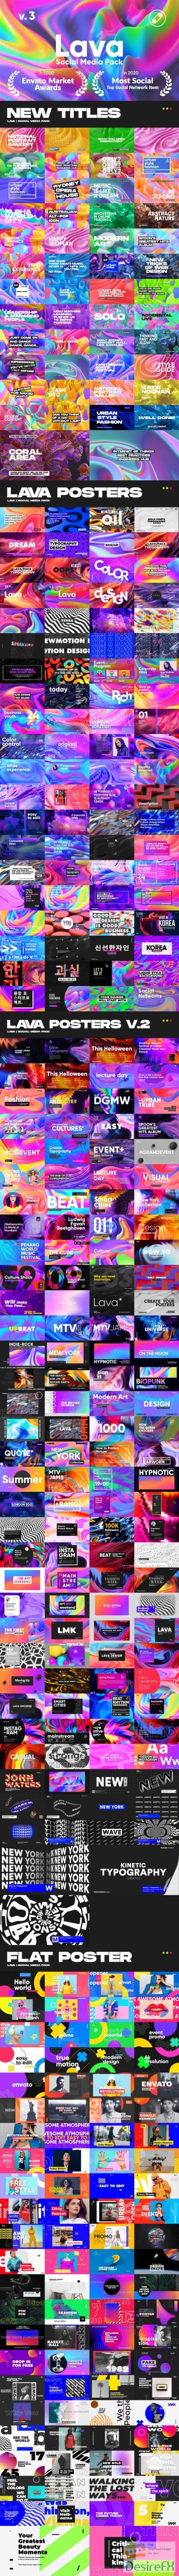 Videohive - Lava | Social Media Pack V3 - 24118486